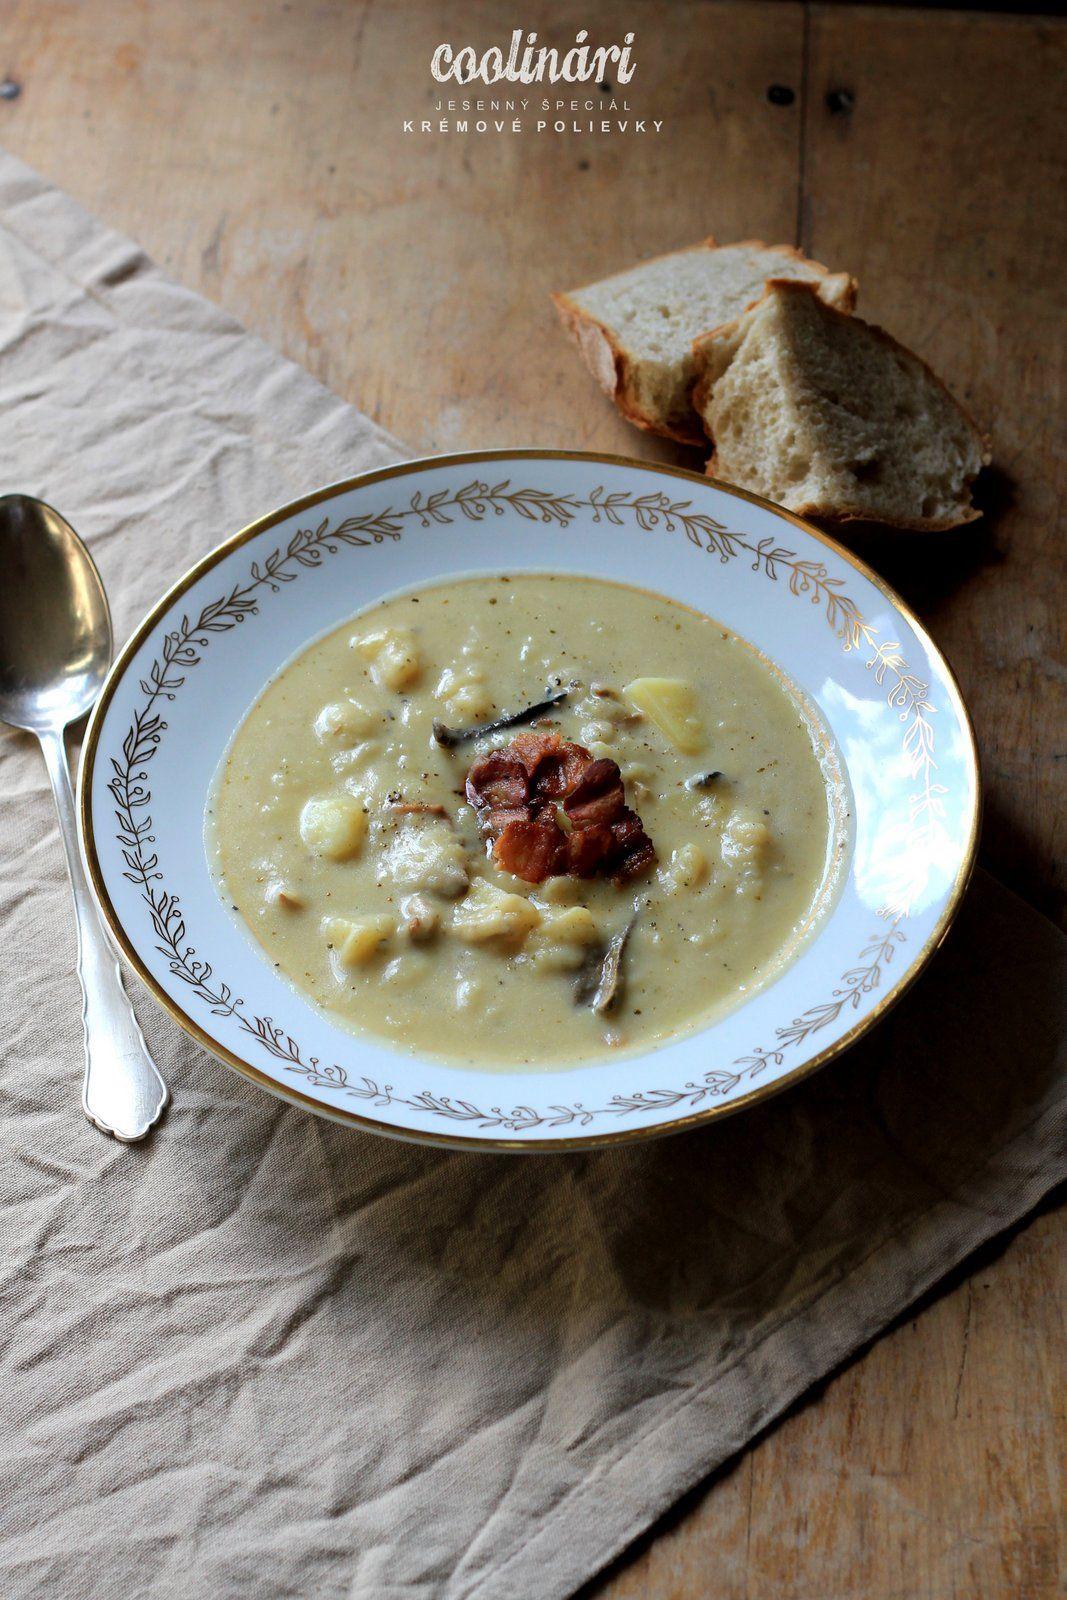 krémová zemiaková polievka tety čenkovej  http://www.coolinari.sk/kremova-zemiakova-polievka/